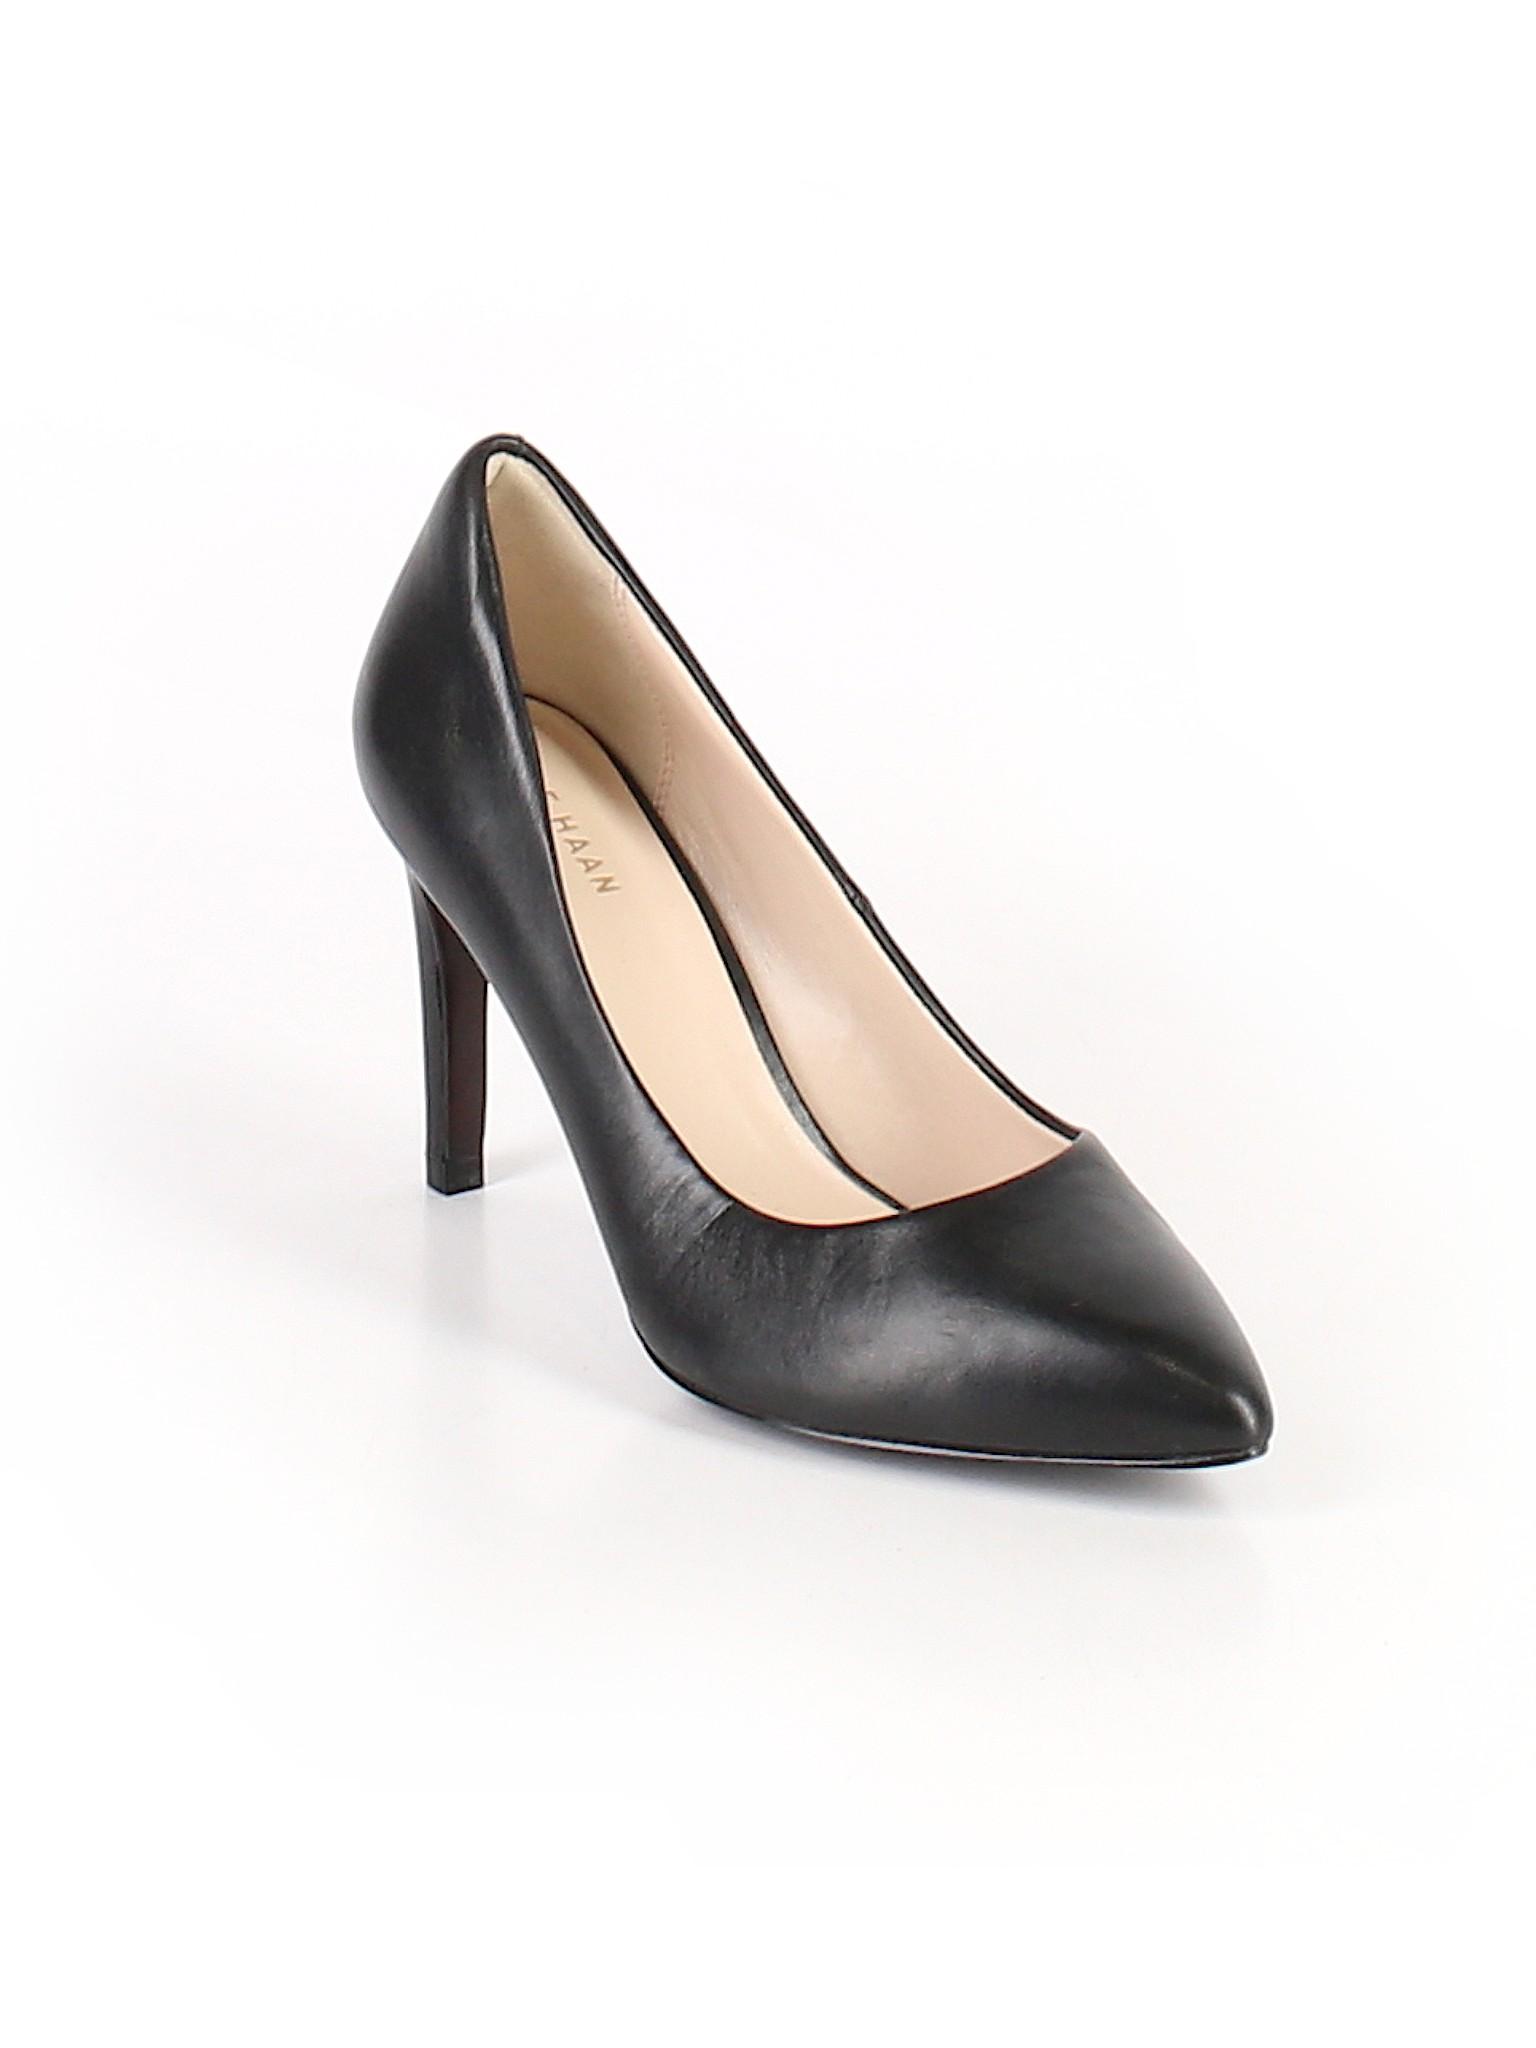 Boutique Heels Heels promotion Haan promotion Cole Cole Boutique Boutique Haan promotion gpHYvwWq